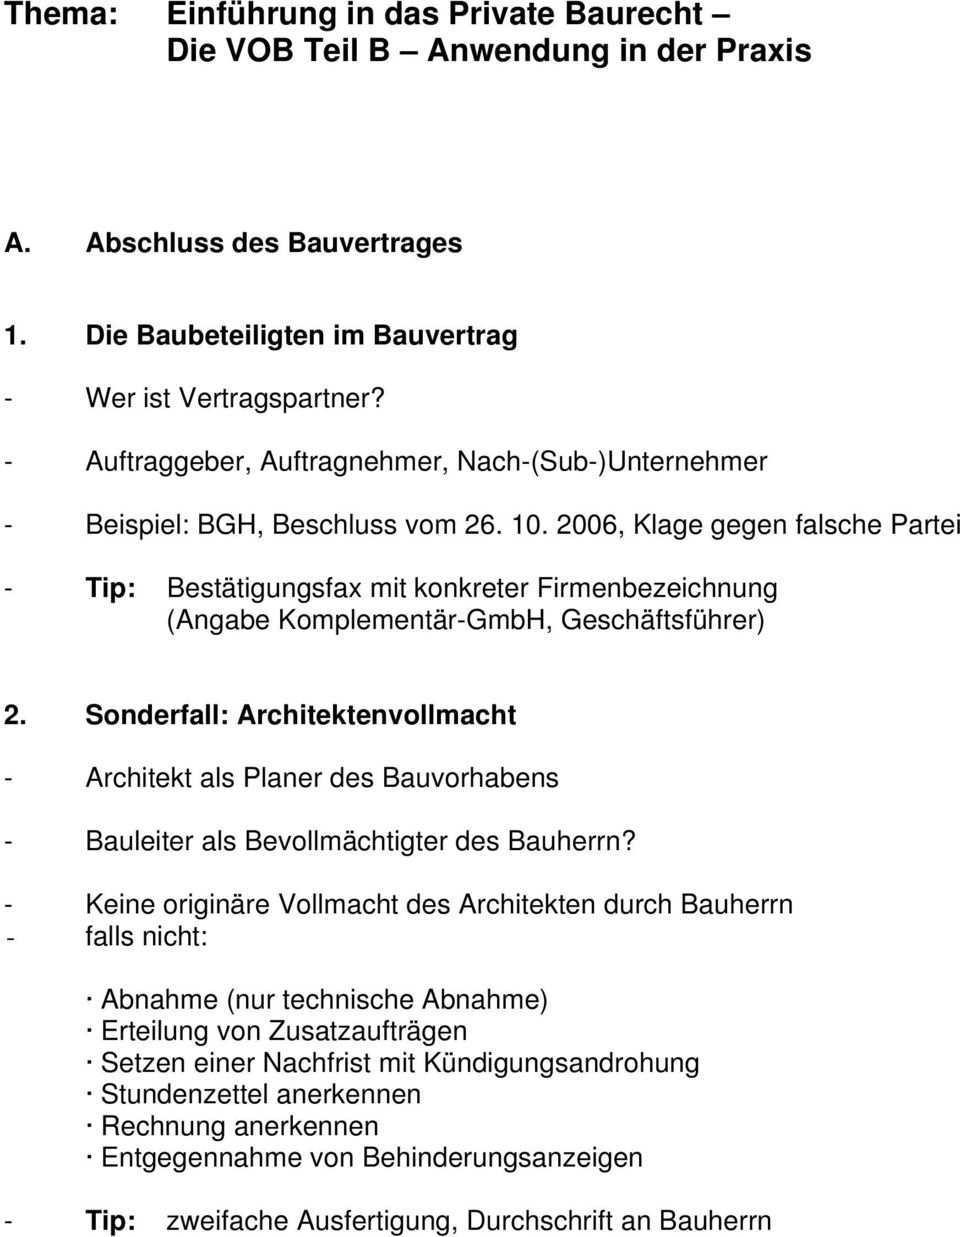 Thema Einfuhrung In Das Private Baurecht Die Vob Teil B Anwendung In Der Praxis Pdf Kostenfreier Download